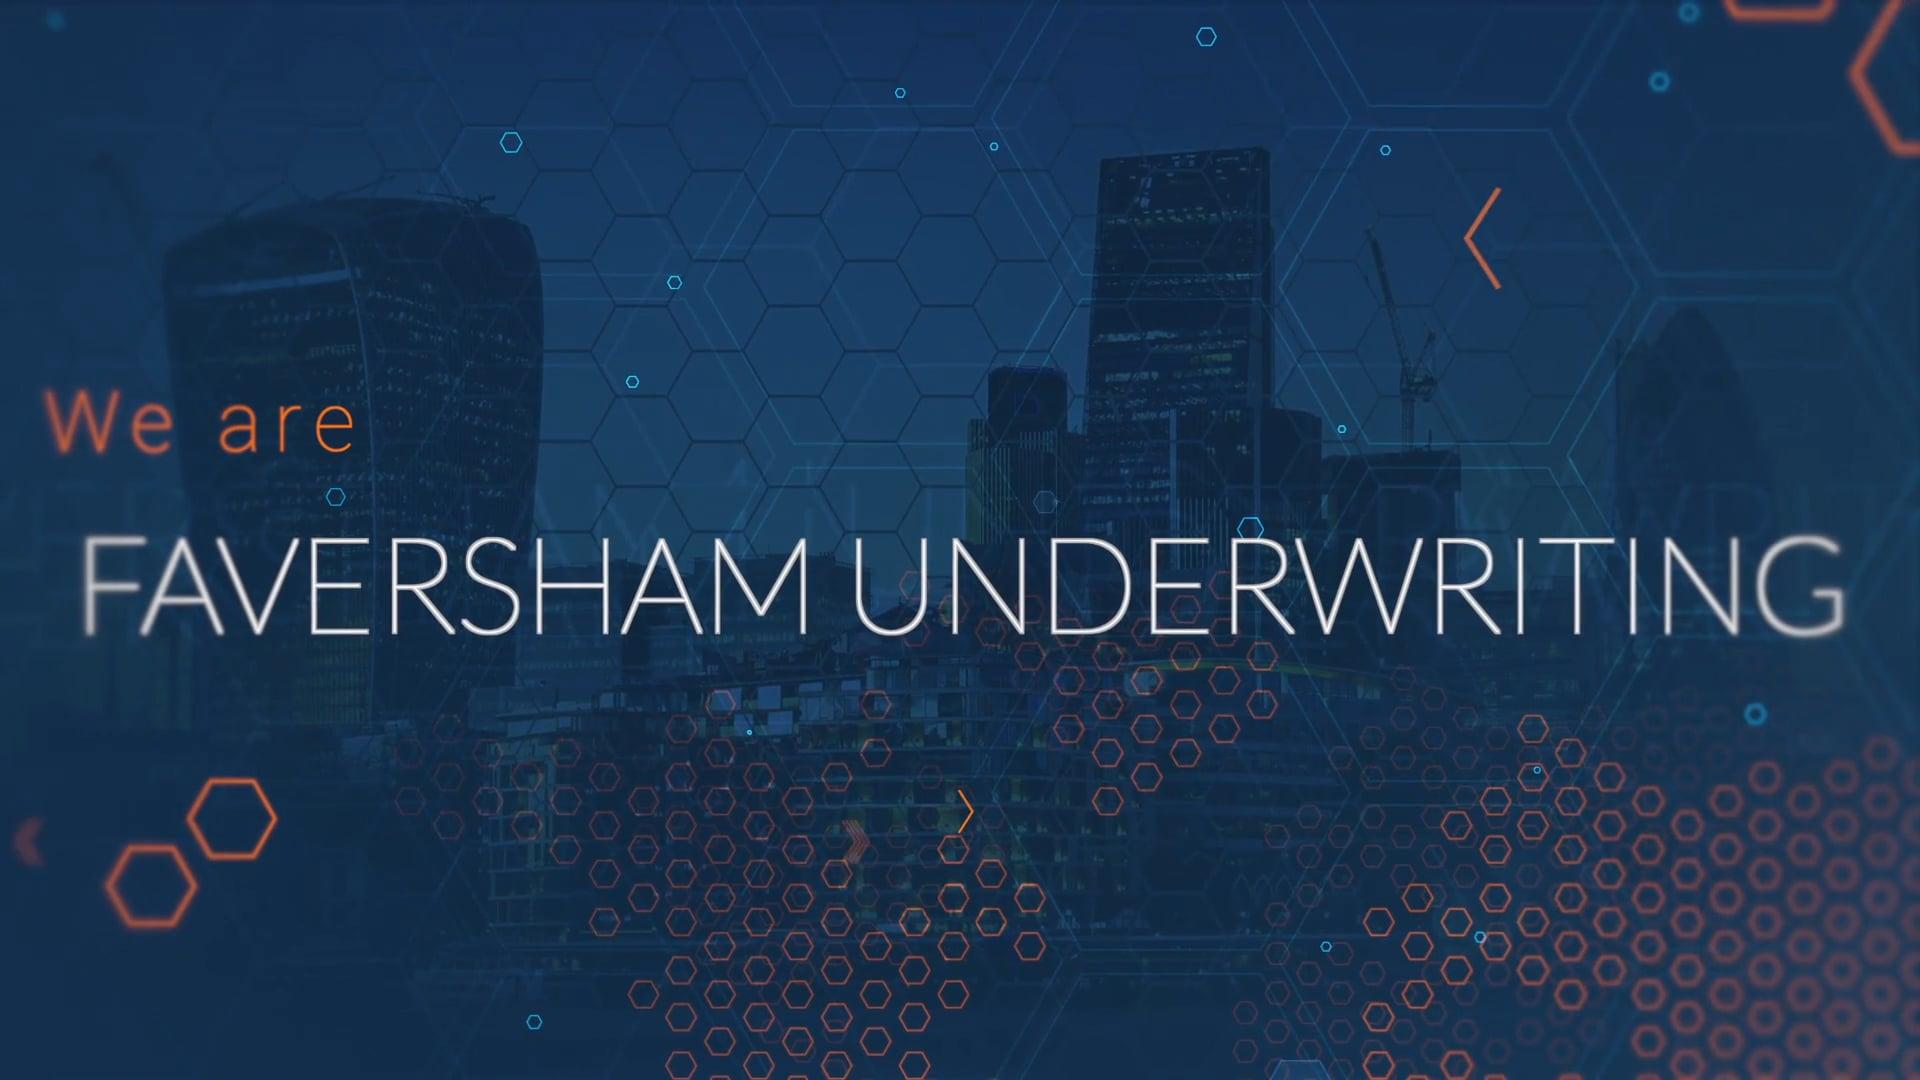 Faversham Underwriting Corporate Explainer